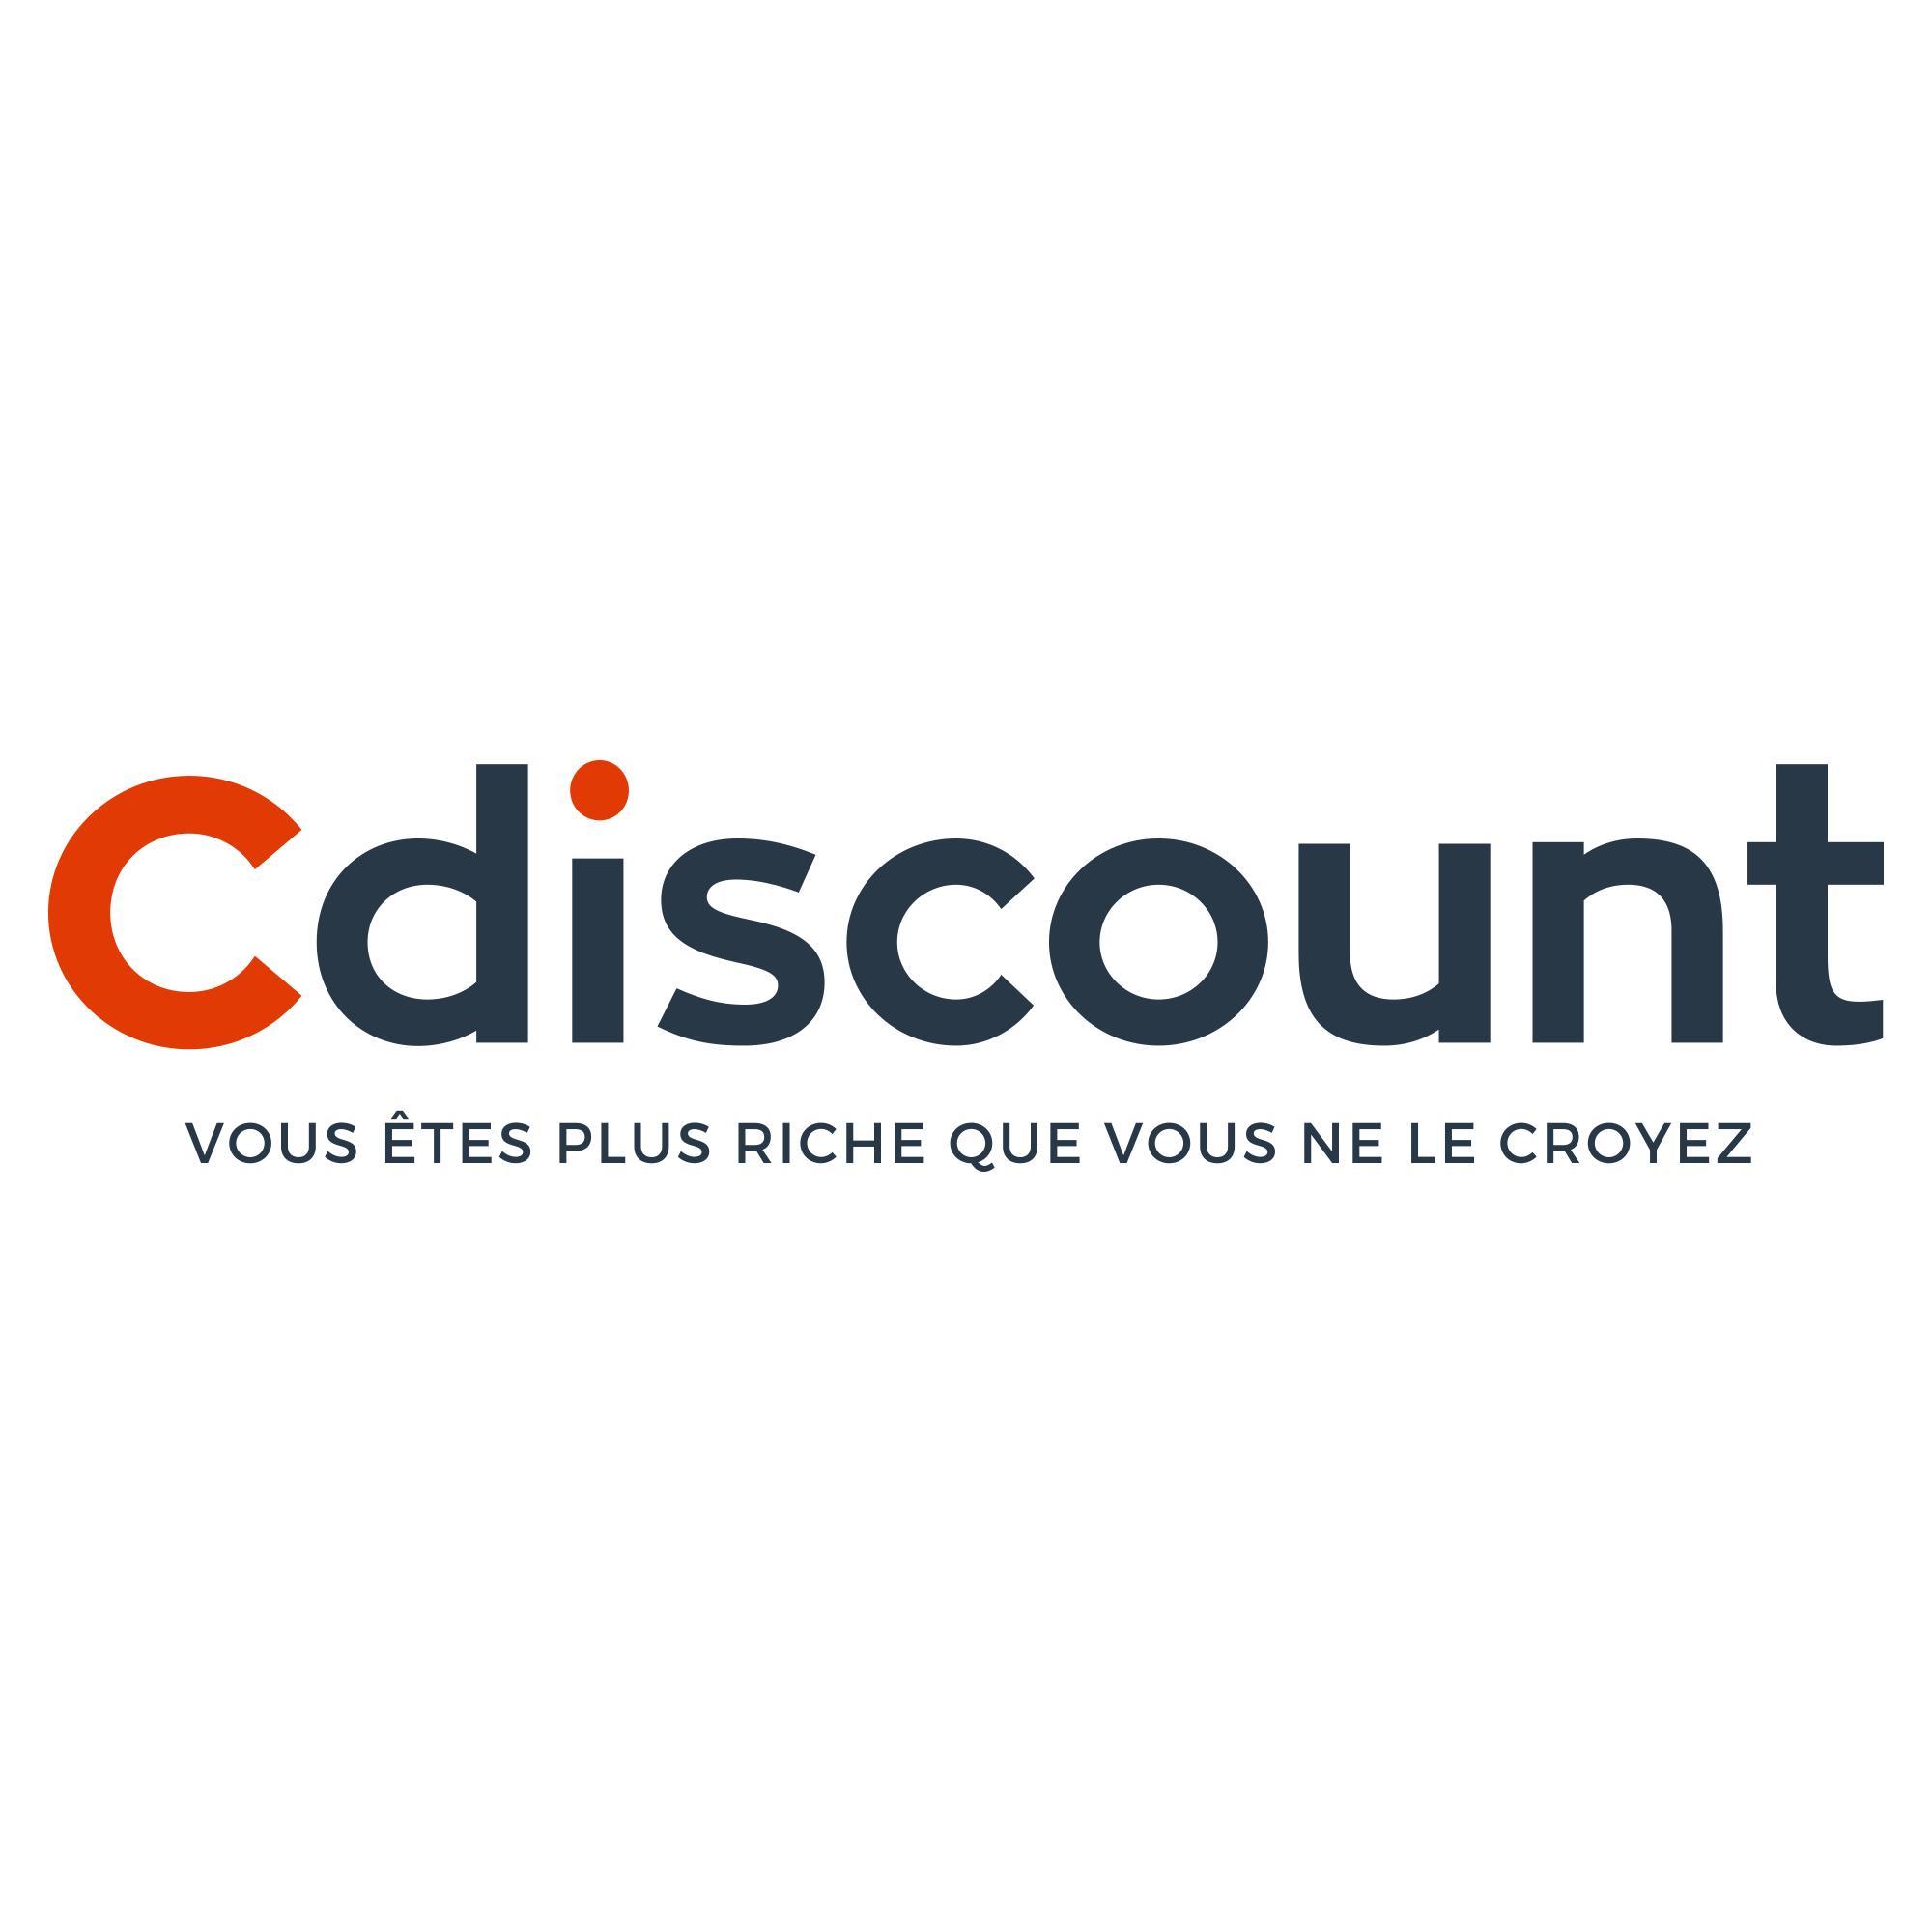 50€ de réduction dès 399€ d'achat, 25€ dès 249€ et 10€ dès 99€ sur tout le site Marketplace compris